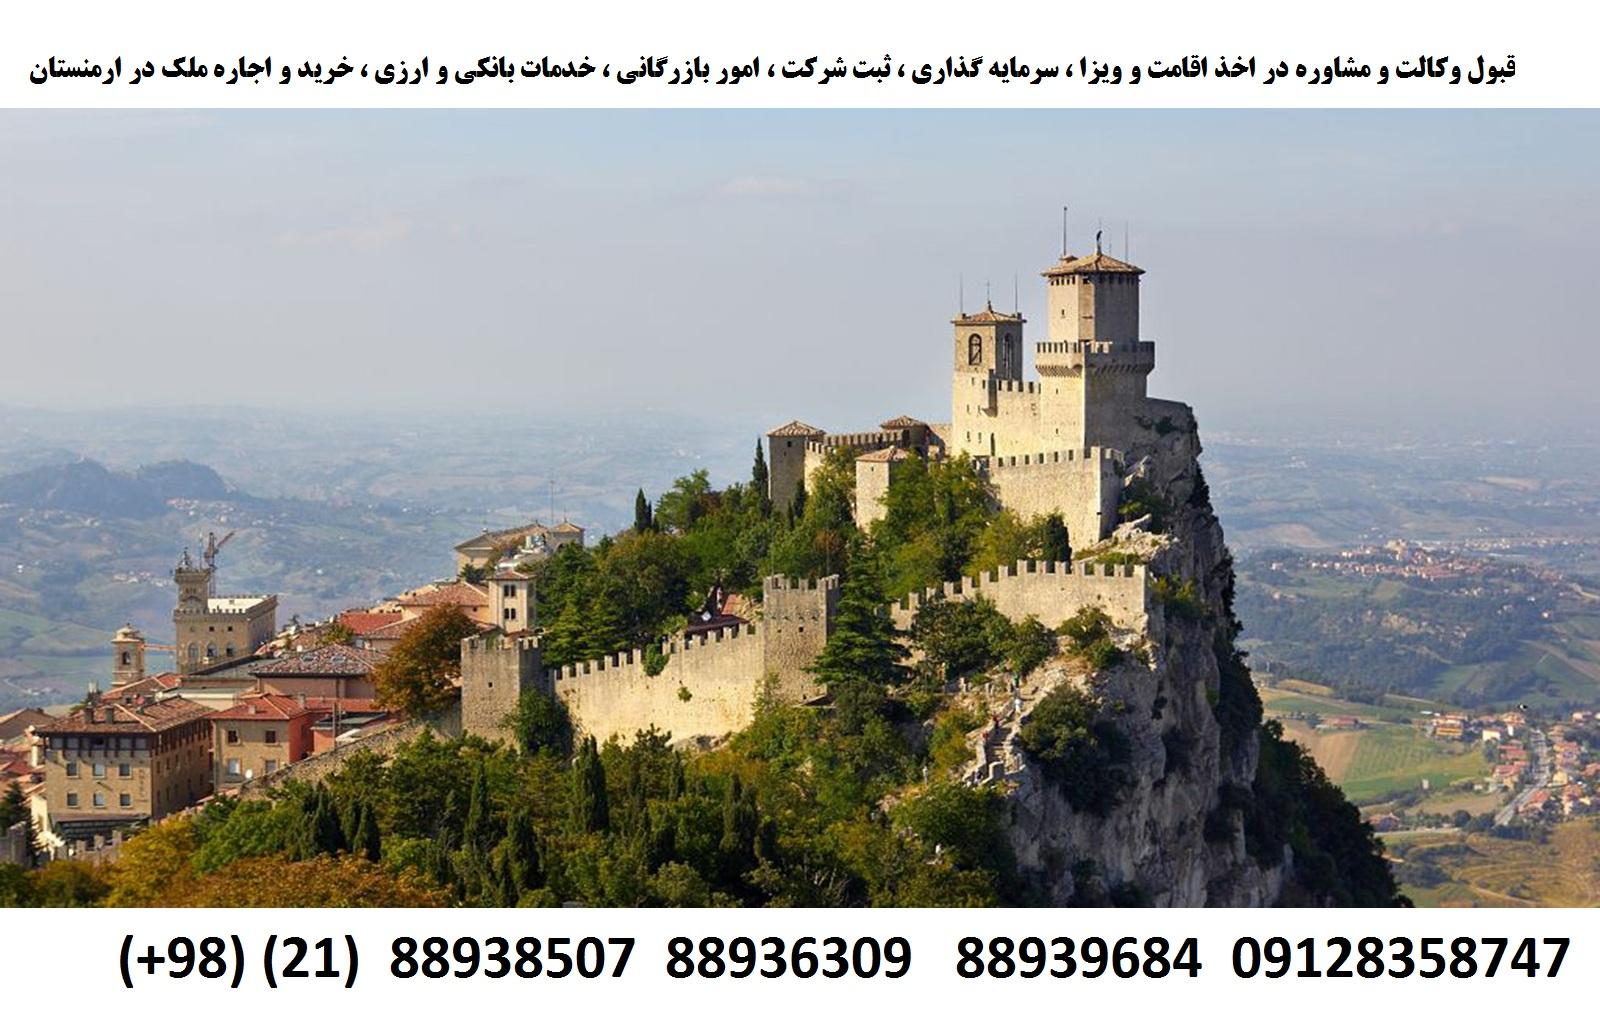 اقامت ، ویزا ، ثبت شرکت ، سرمایه گذاری در ارمنستان (3)